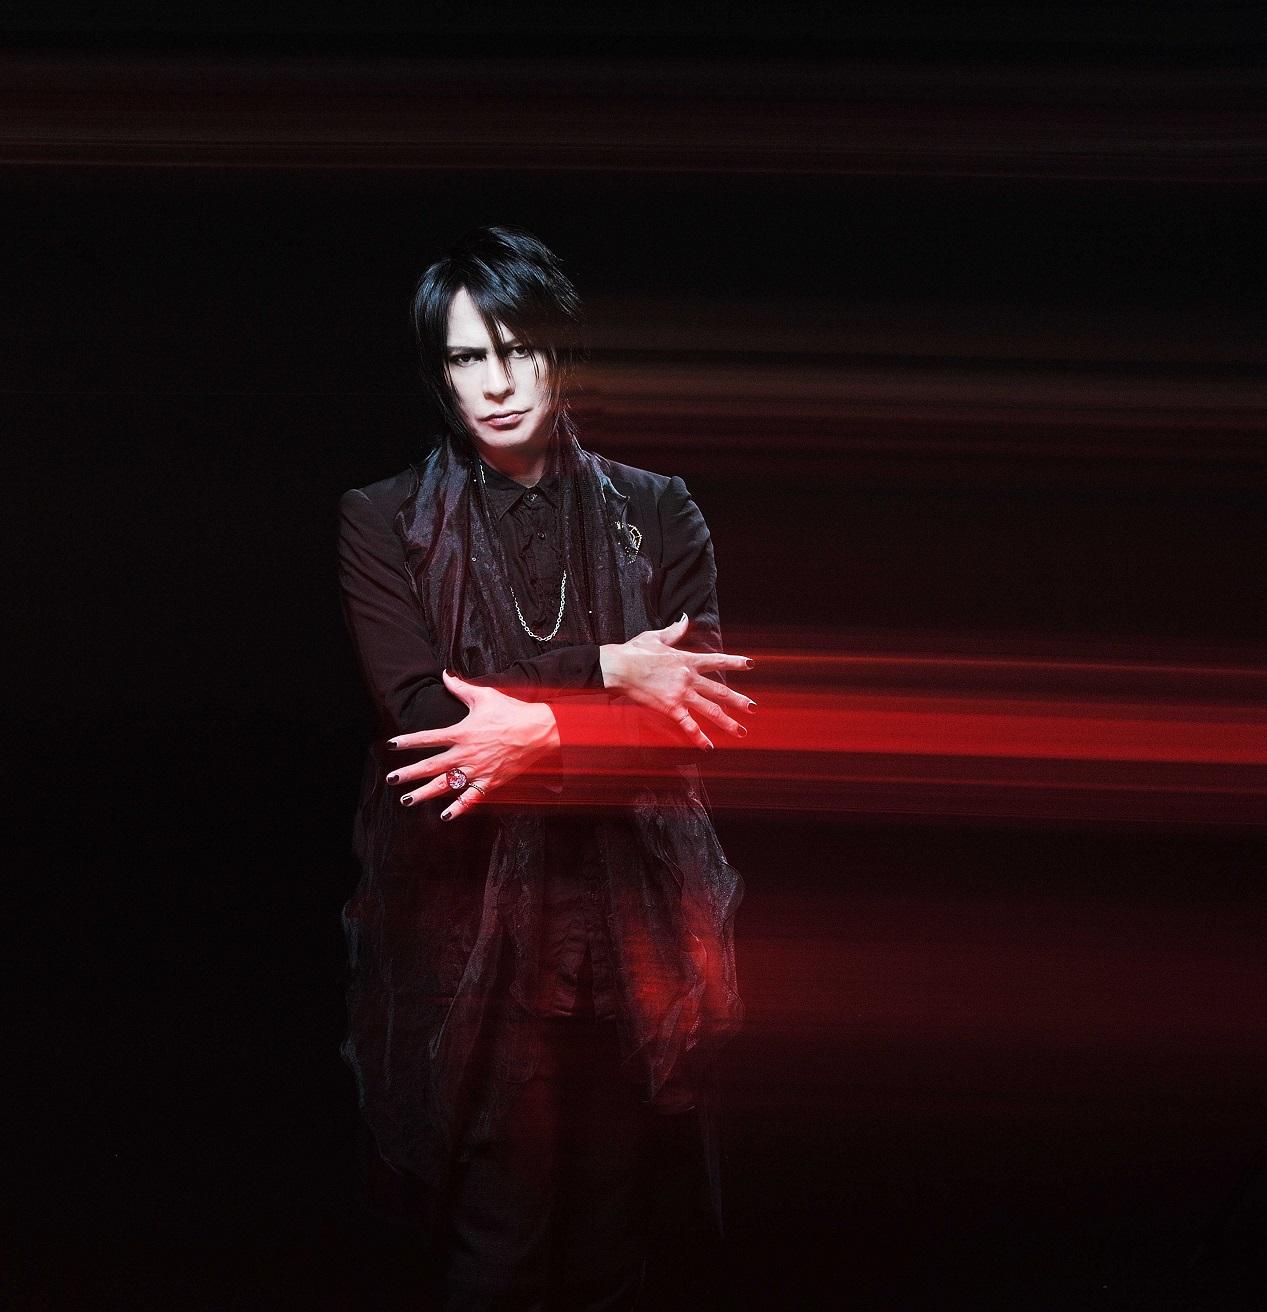 福山雅治「ファミリーヒストリー」、BUCK-TICK櫻井「SWITCHインタビュー」、さだまさし&三浦大知「MUSIC FAIR」ほか4月22~27日のおすすめテレビ番組